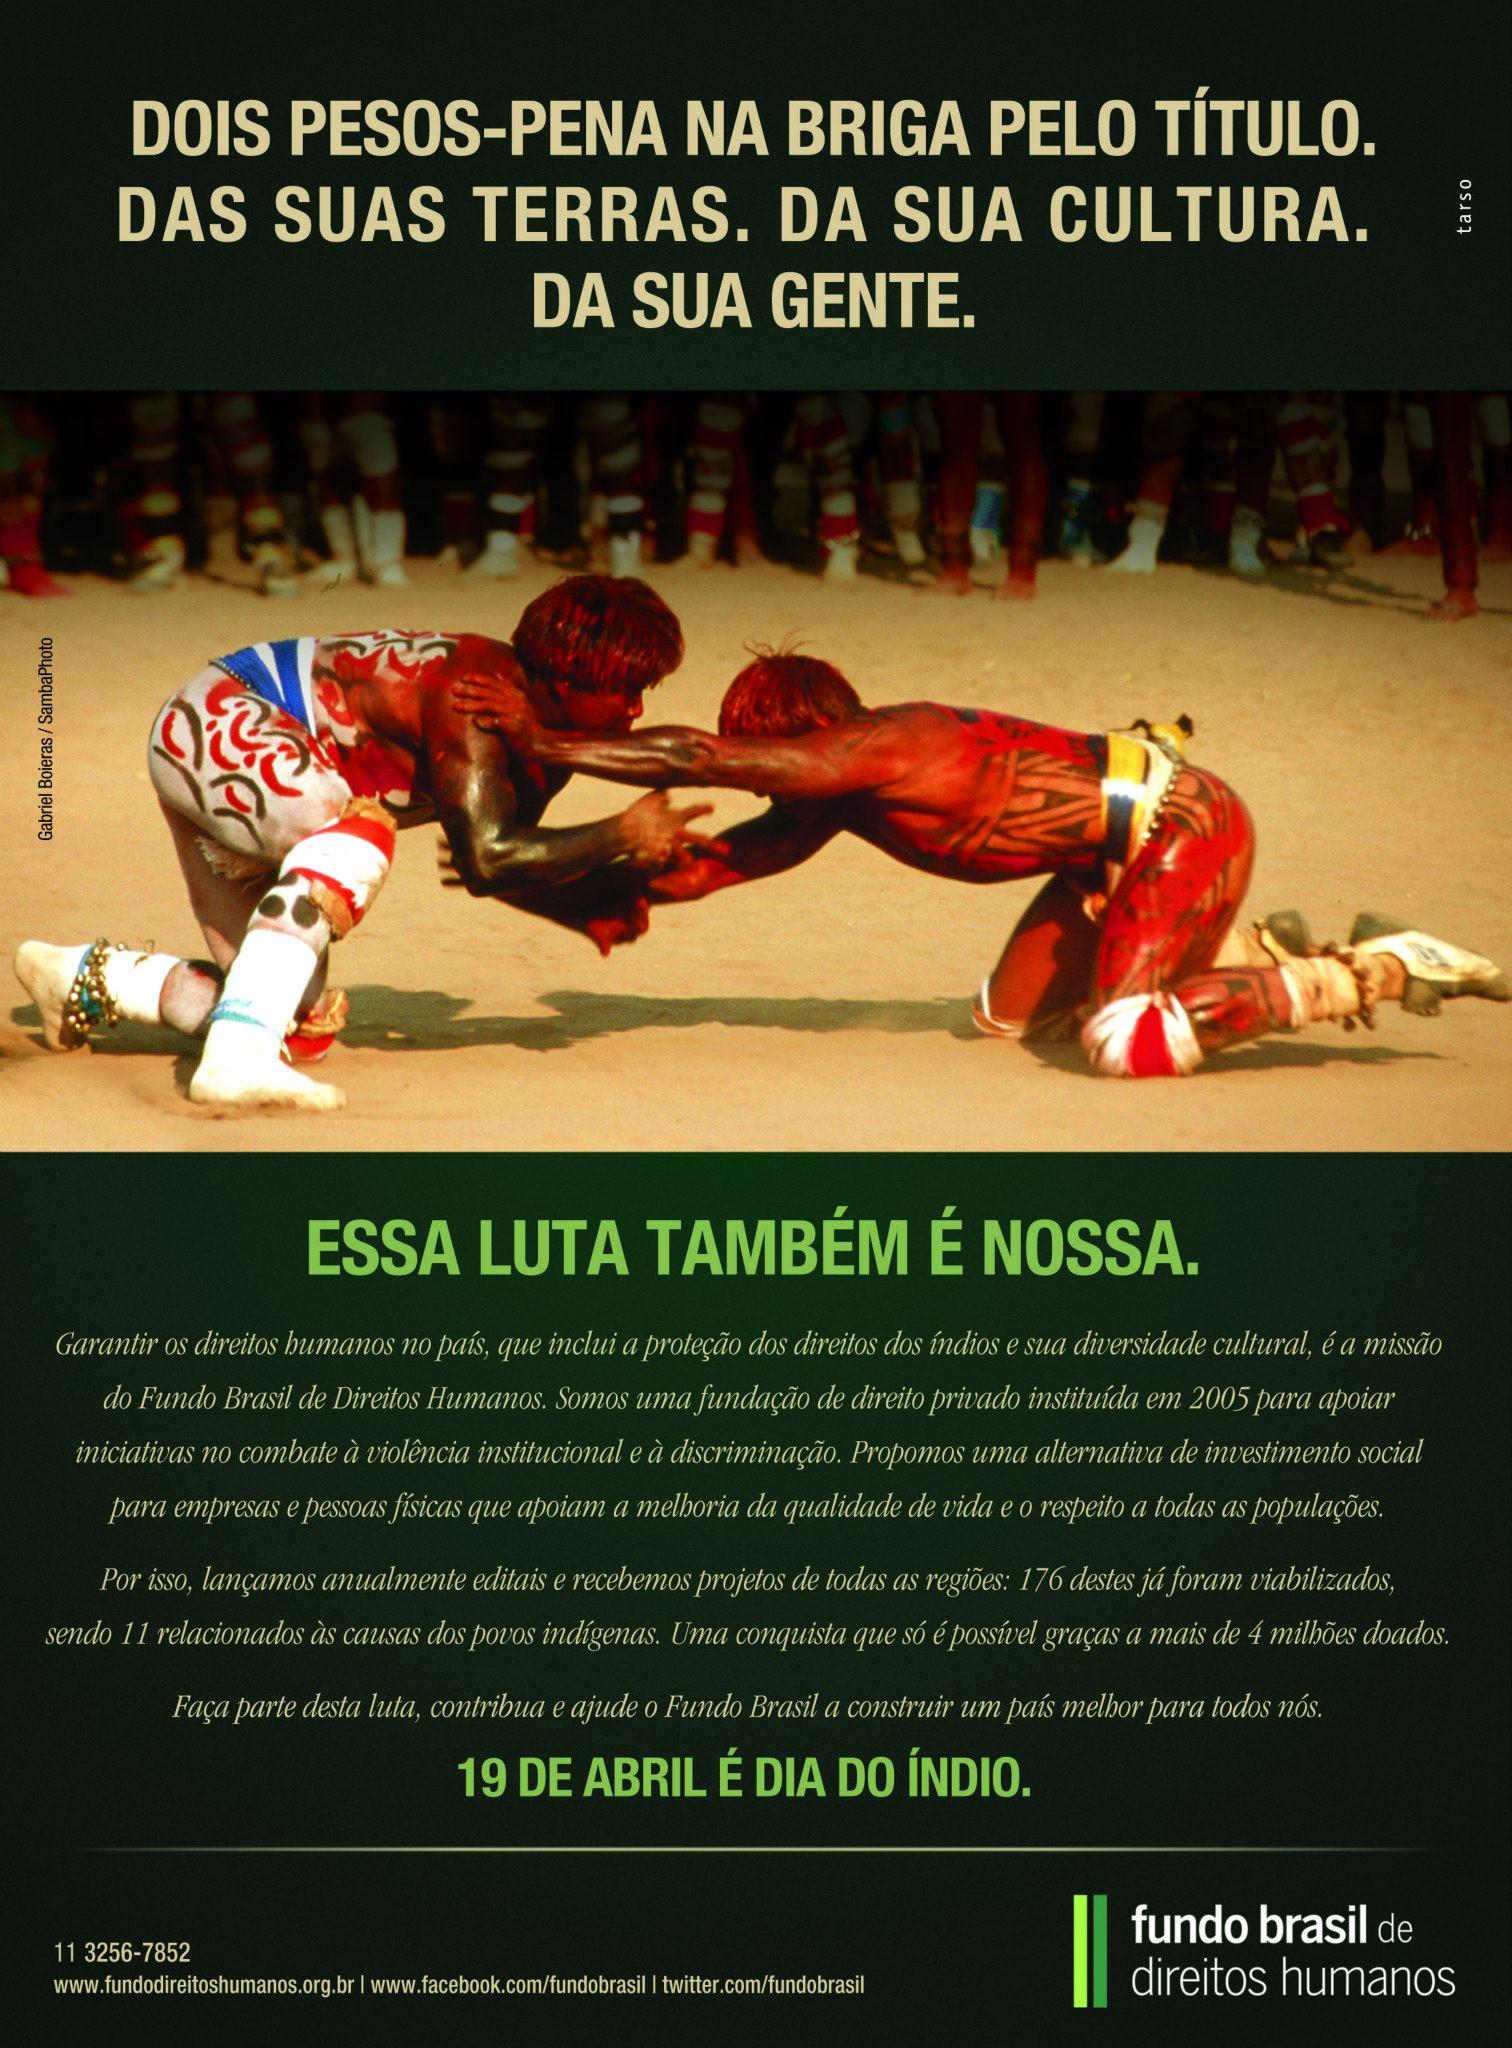 Fundo Brasil de Direitos Humanos